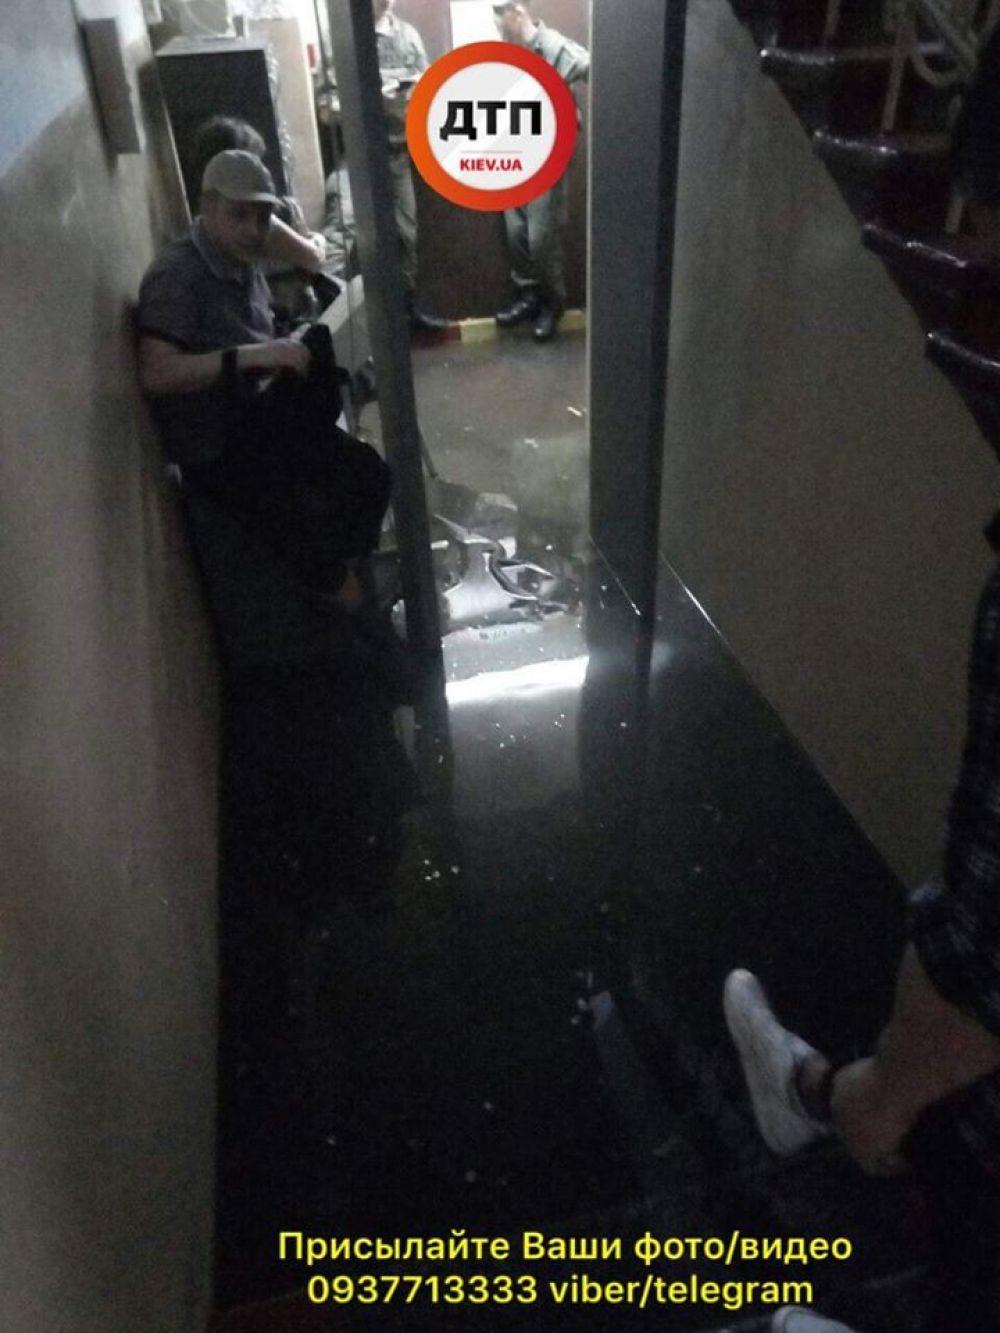 Потоп принес стихийное бедствие и в здание Соломенского суда - на первом этаже его затопило почти по колено